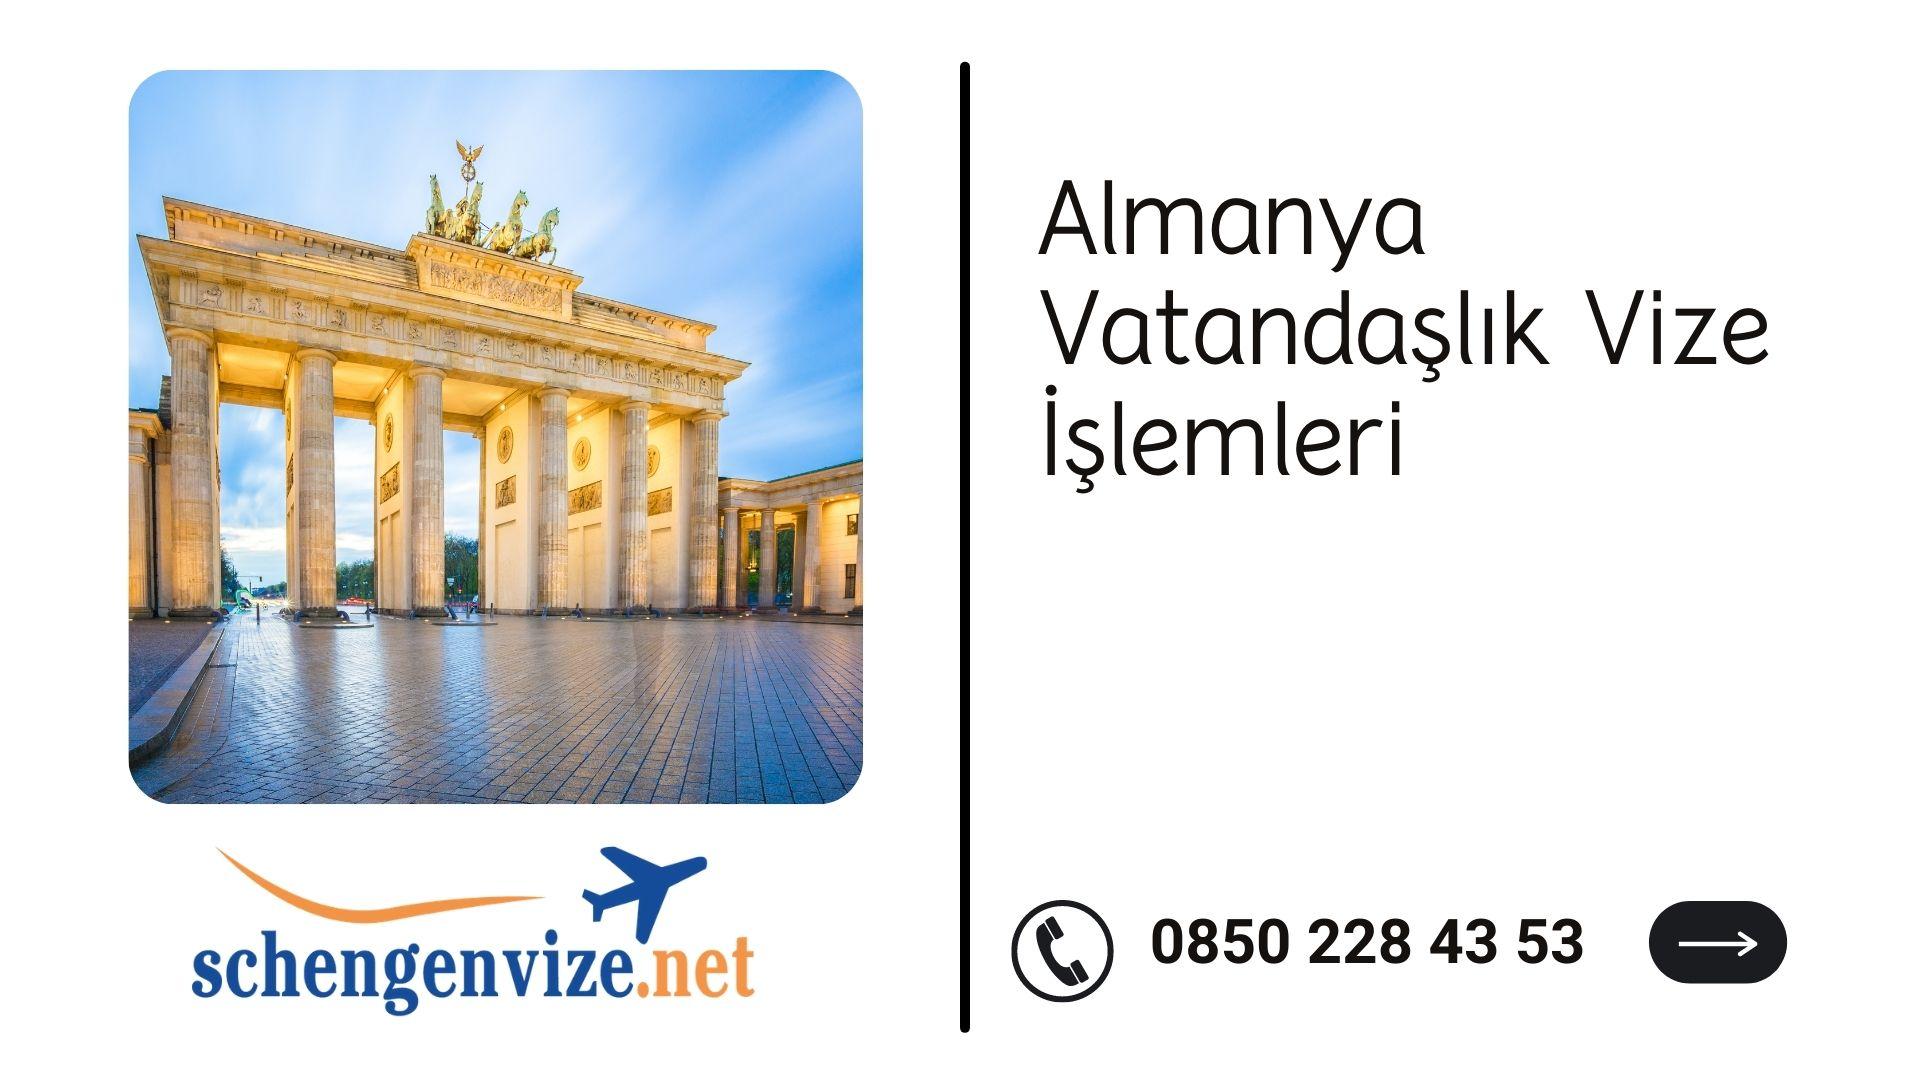 Almanya Vatandaşlık Vize İşlemleri